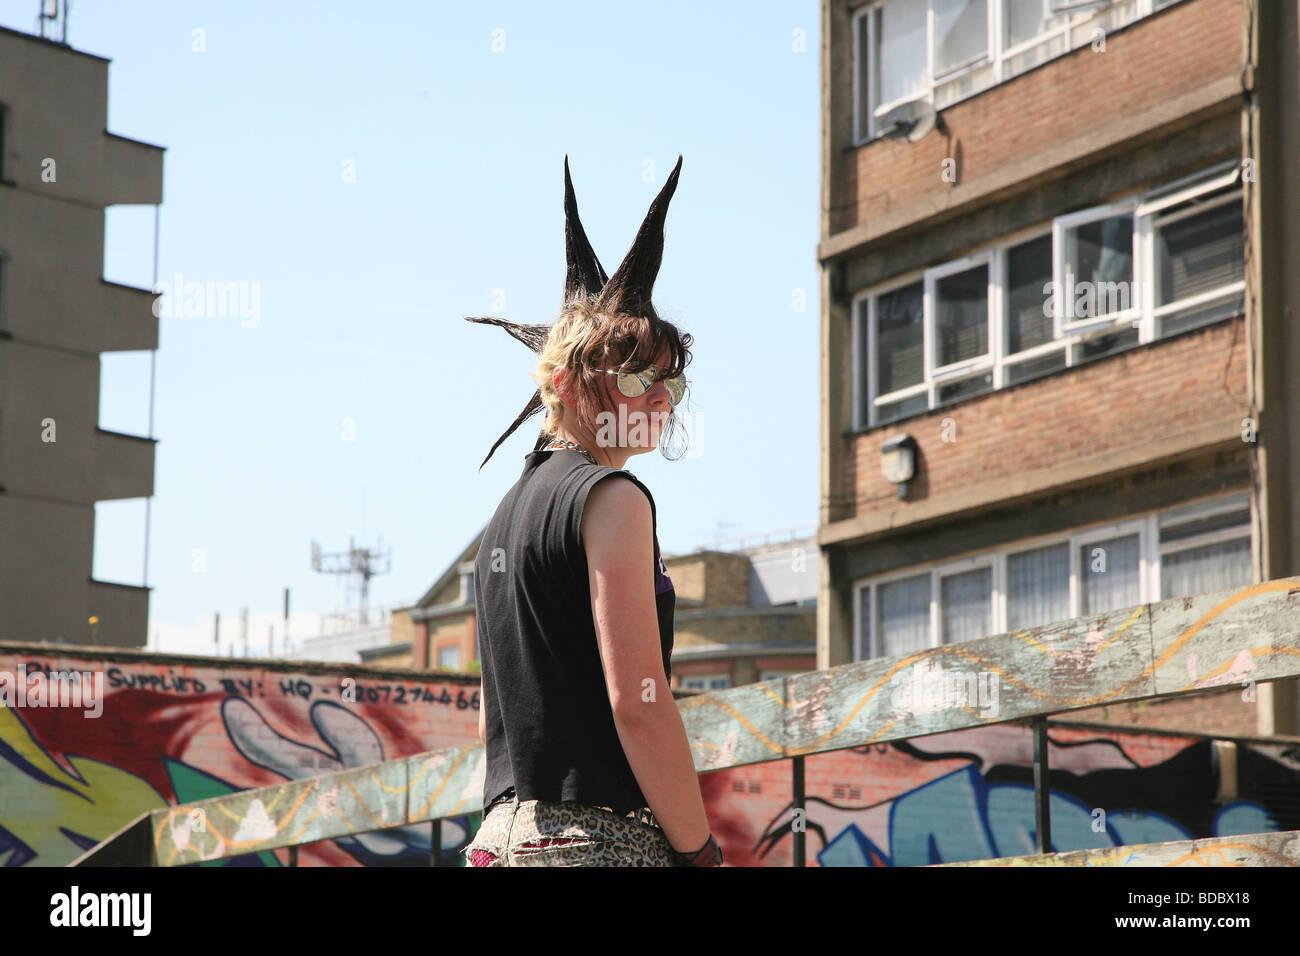 """Uma rapariga punk """"Rae Ray tumultos"""" com um grande Moicano, Shoreditch, Londres, Reino Unido .2009 Imagens de Stock"""